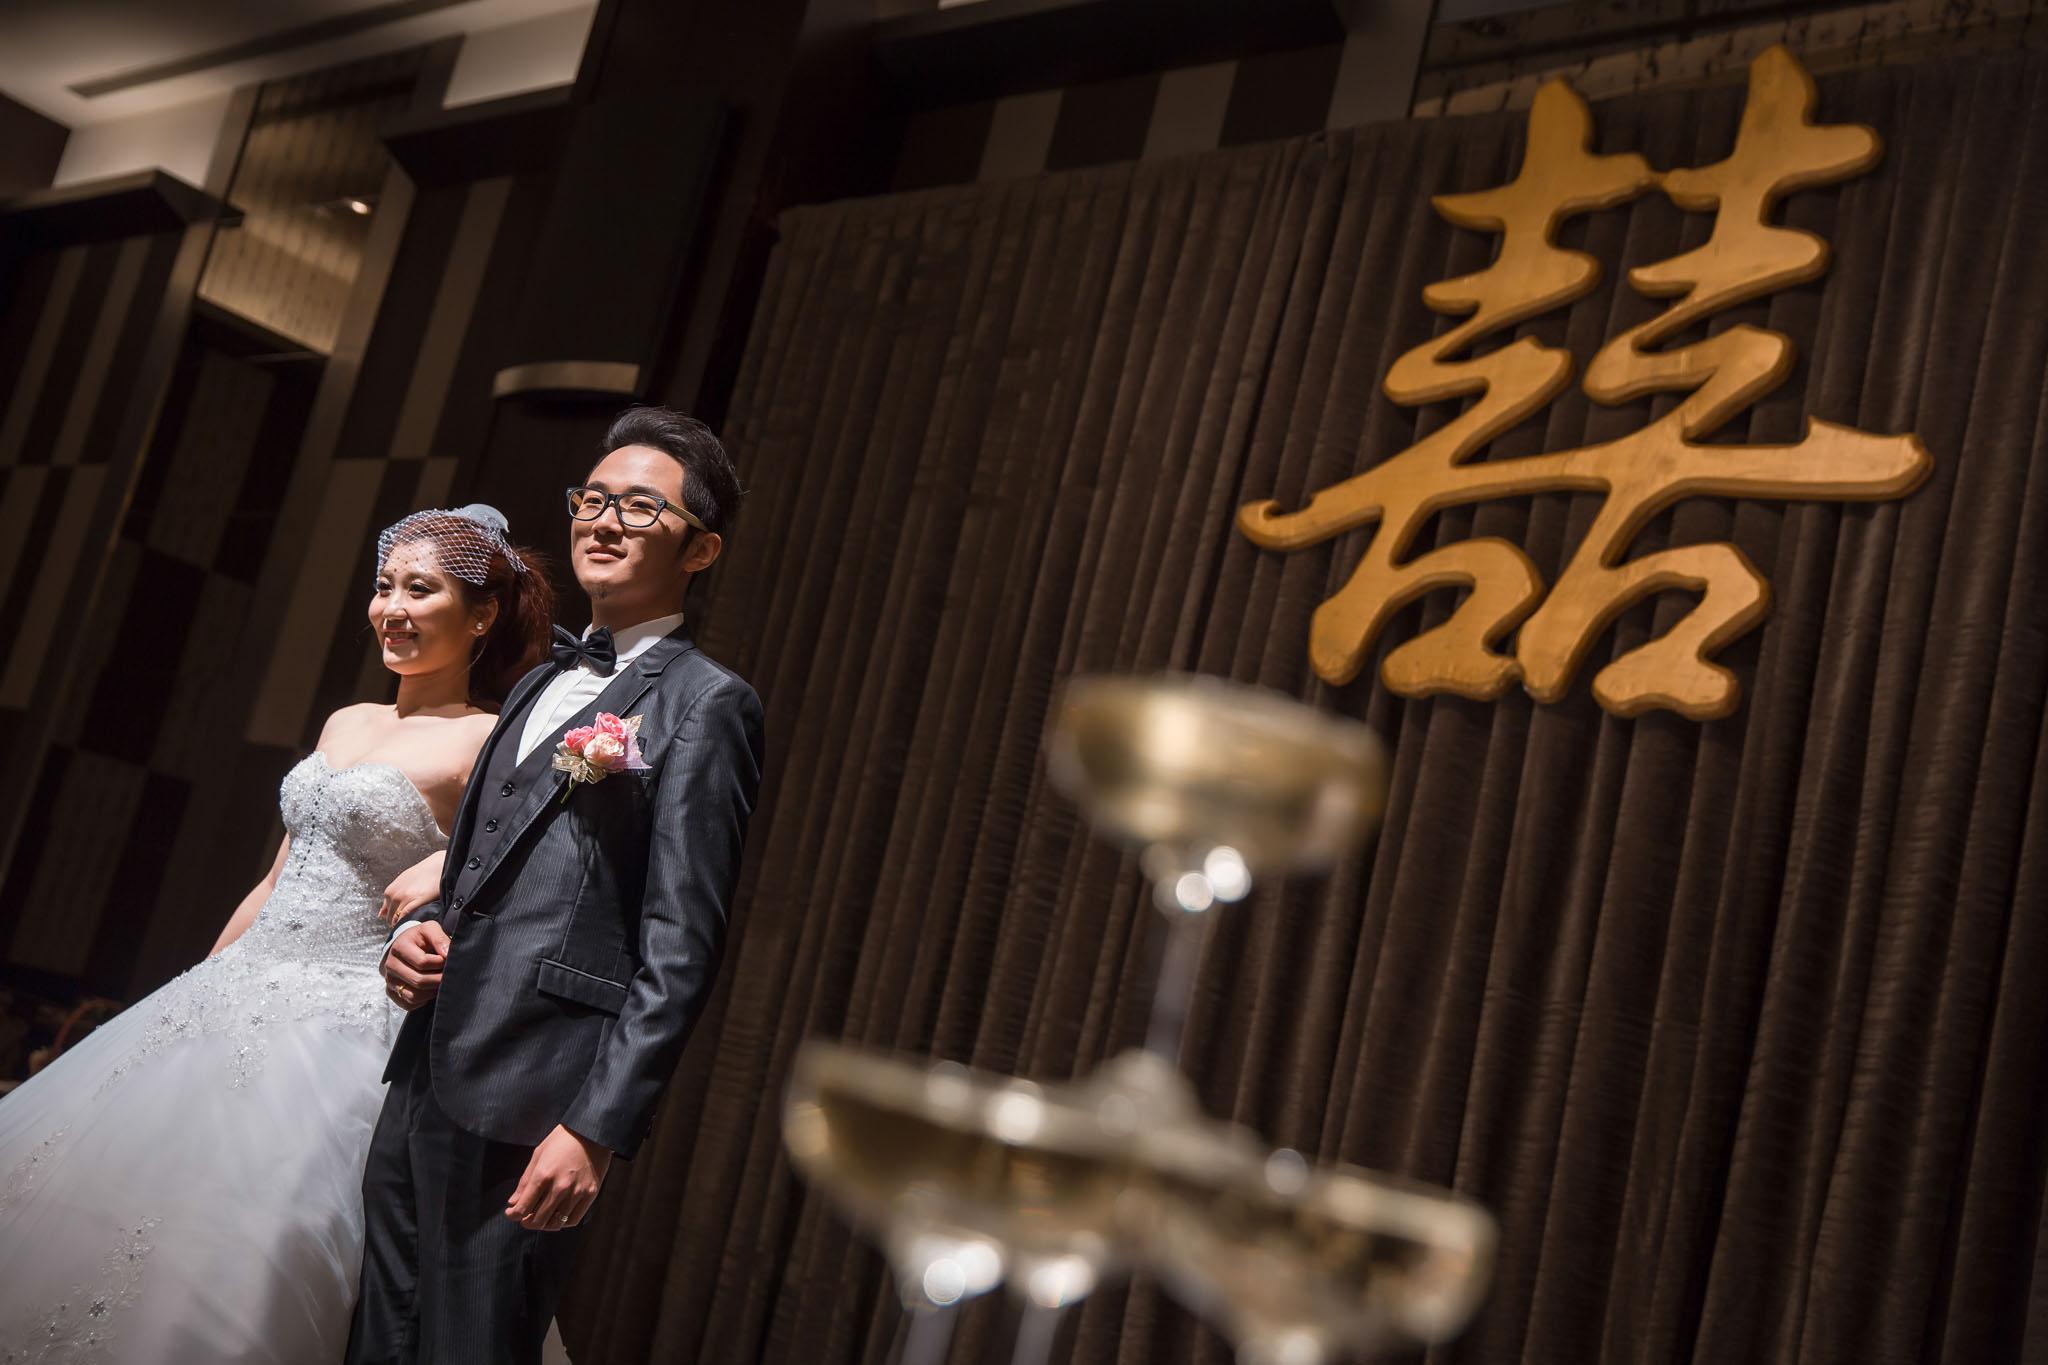 【國賓婚攝】新竹國賓大飯店   婚禮紀錄   單宴客   國濤&欣儀 - 奔跑少年